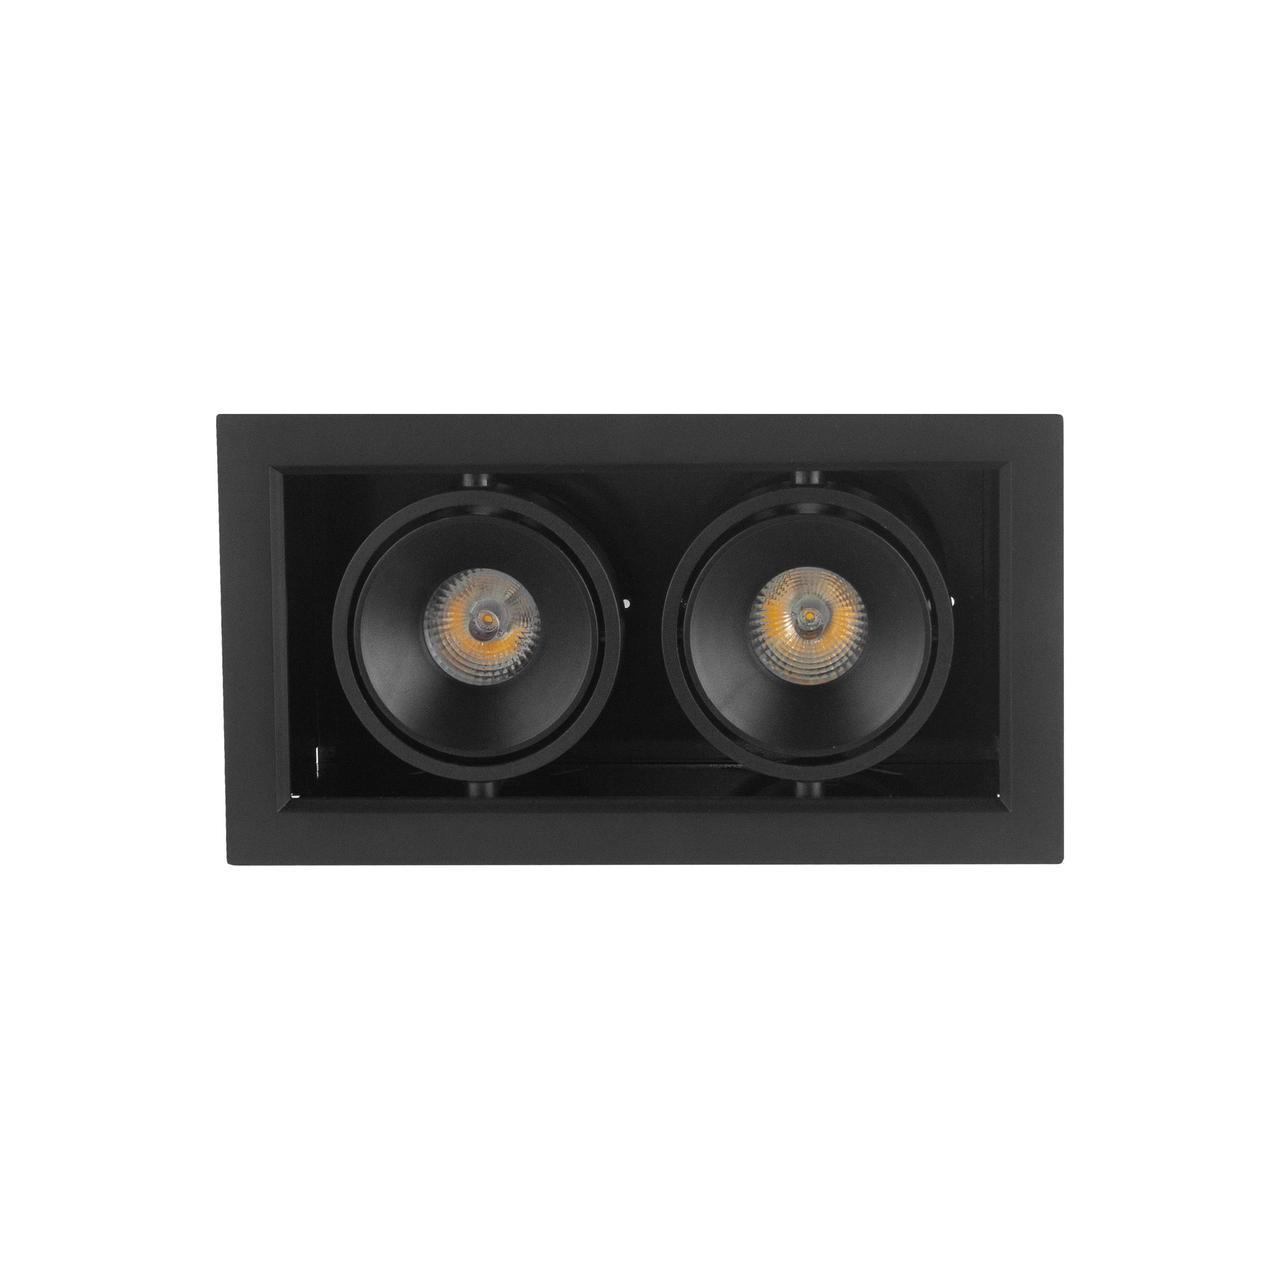 Поворотный врезной двойной спот черный BX07-2-LED 2*7W BK 3000K